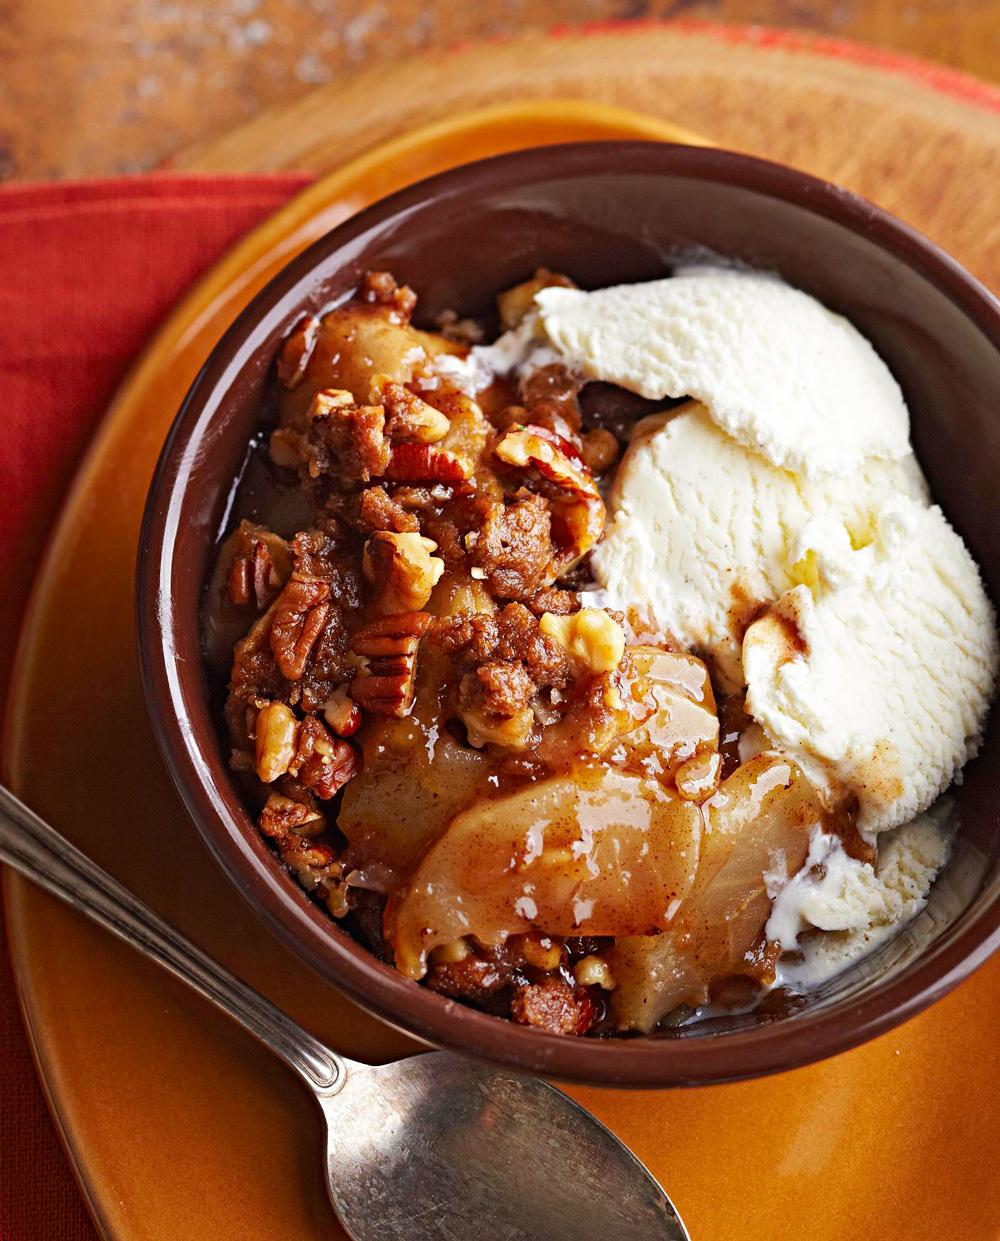 Ginger-Cinnamon Apple Crisp